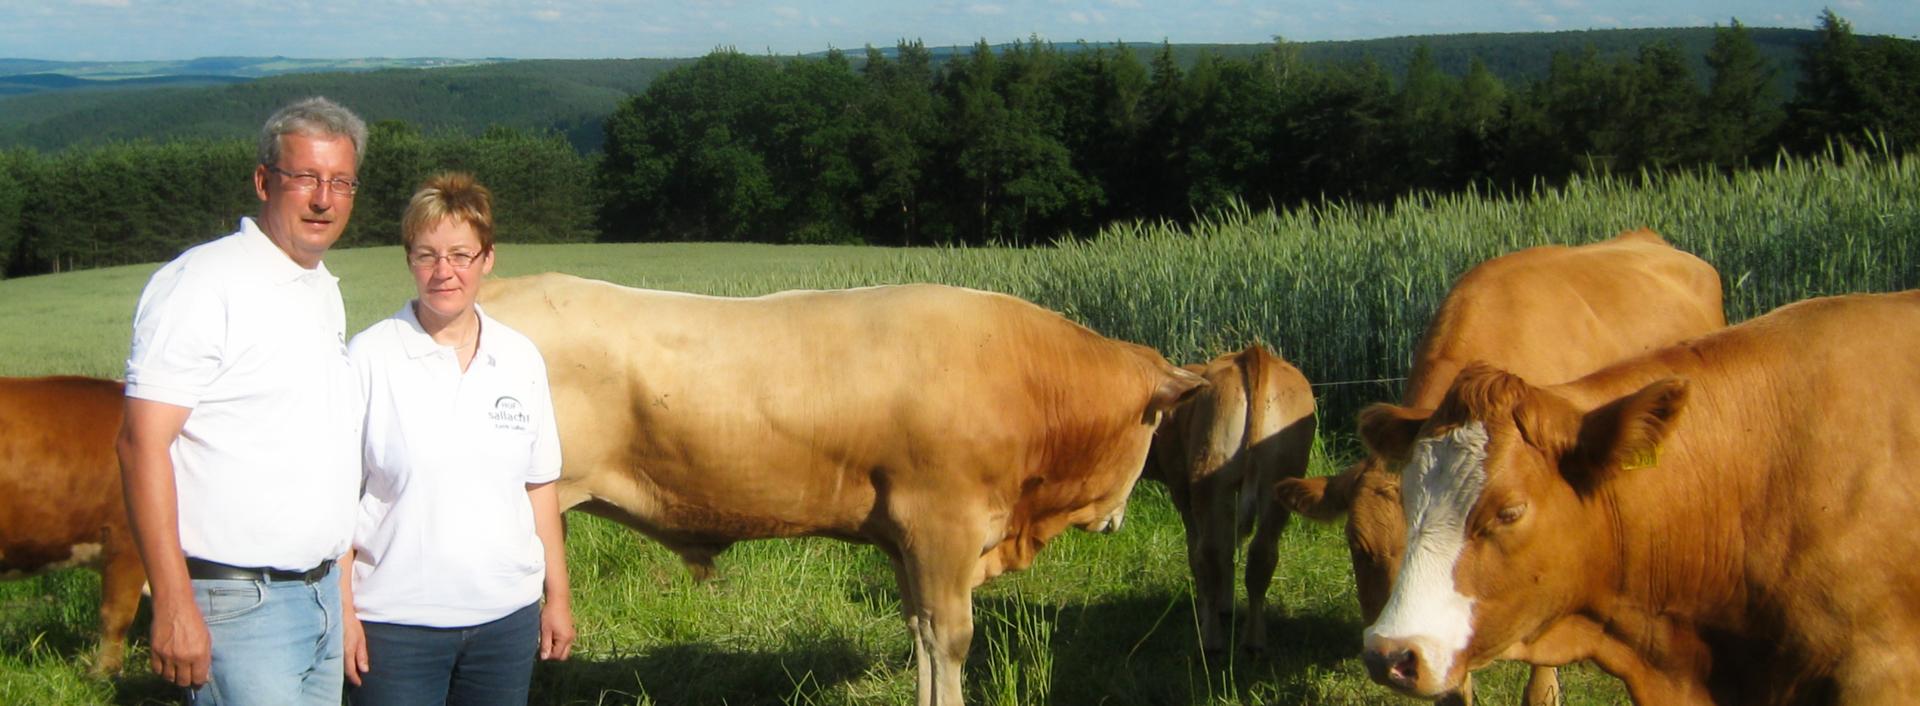 Sallachs und die Rinder